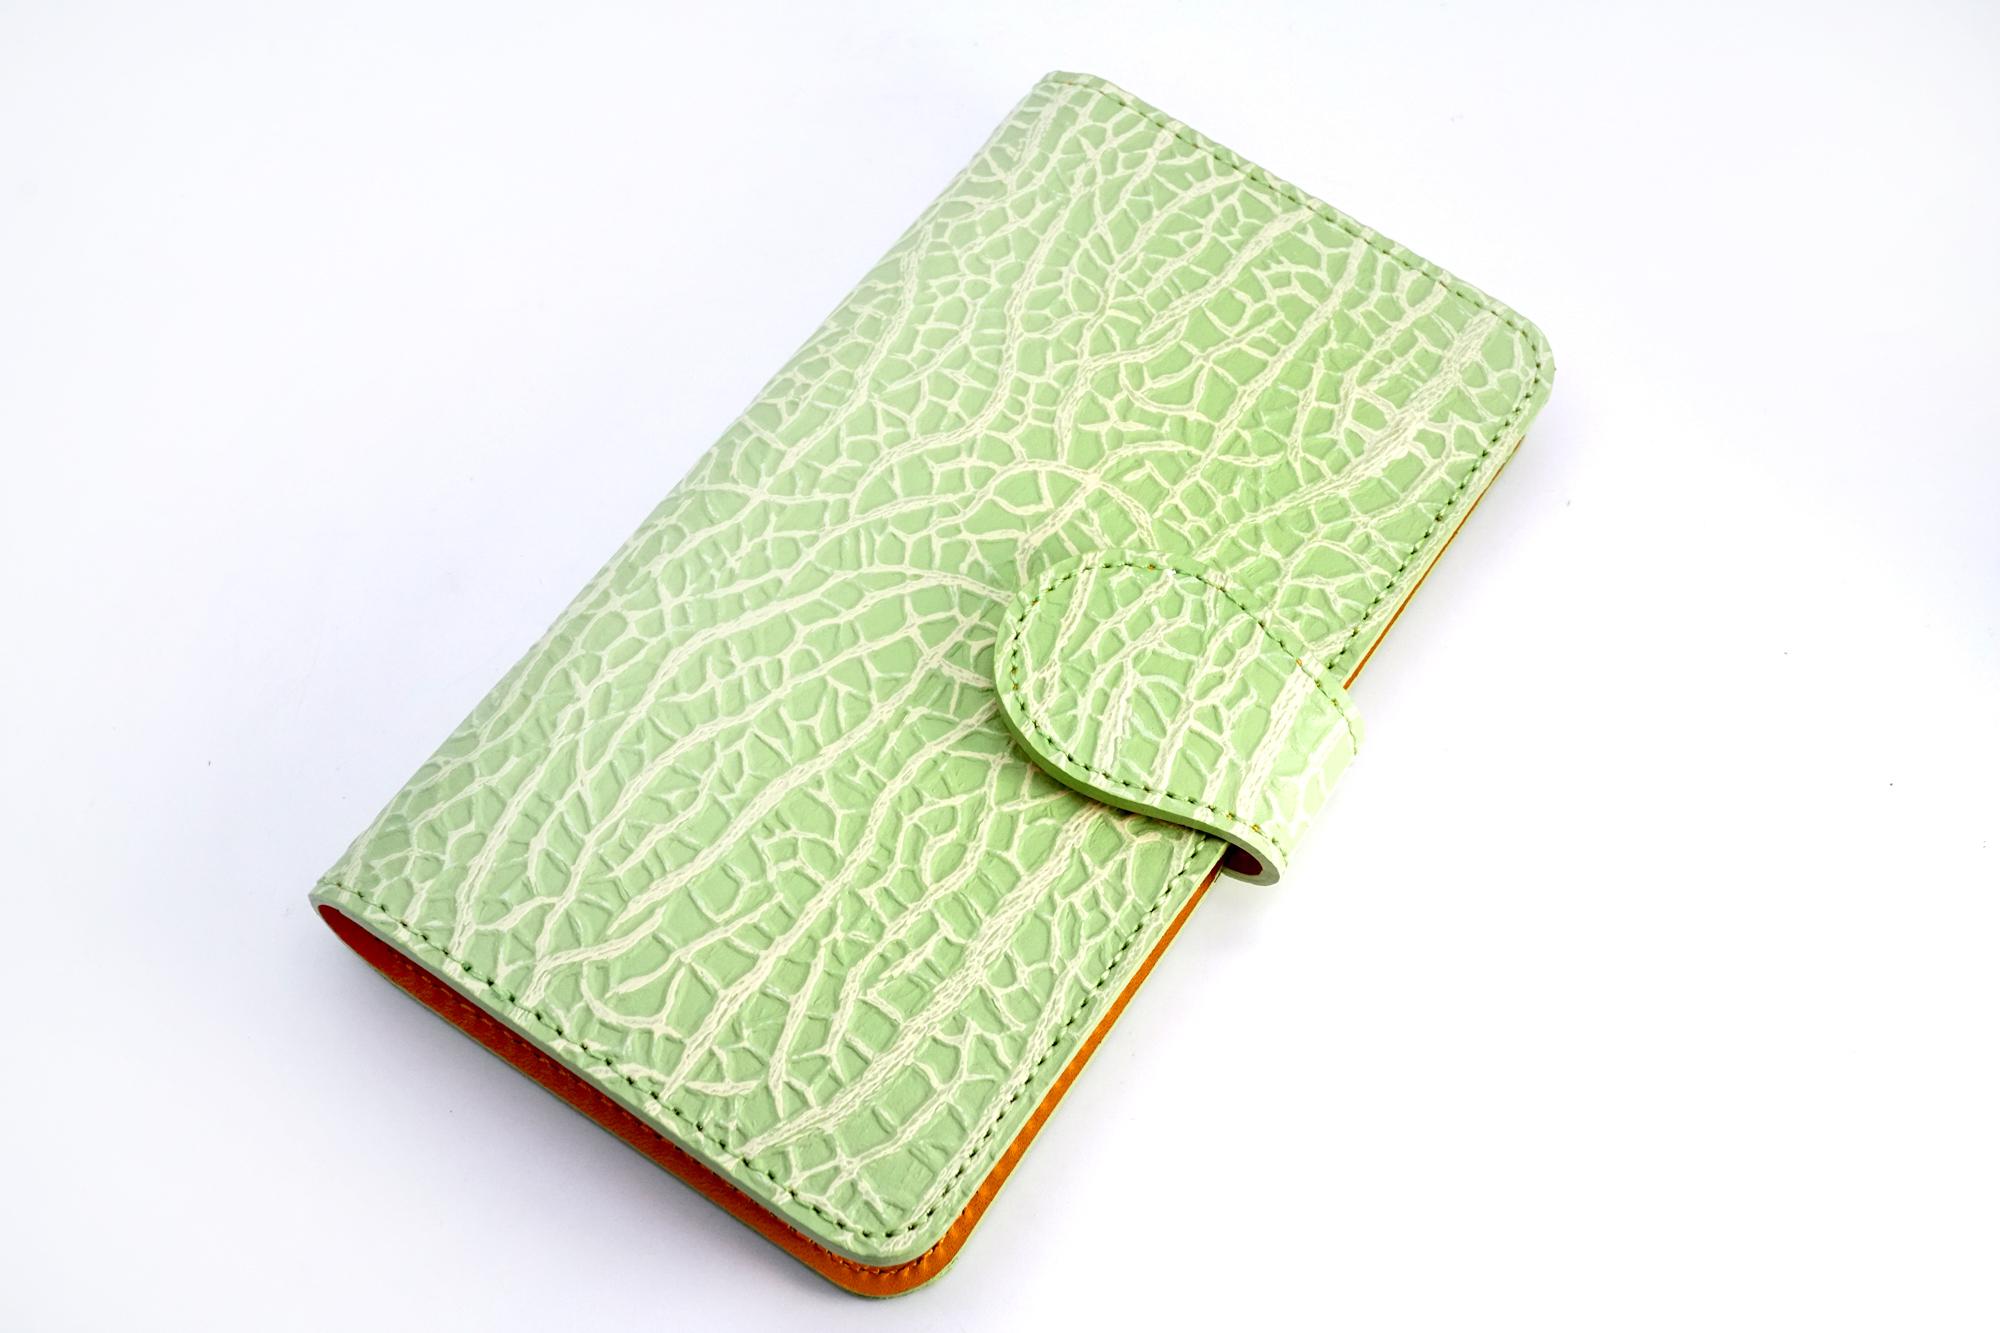 【牛革製】赤肉メロンなスマホケース(Lサイズ)iPhone Plusほか多機種対応